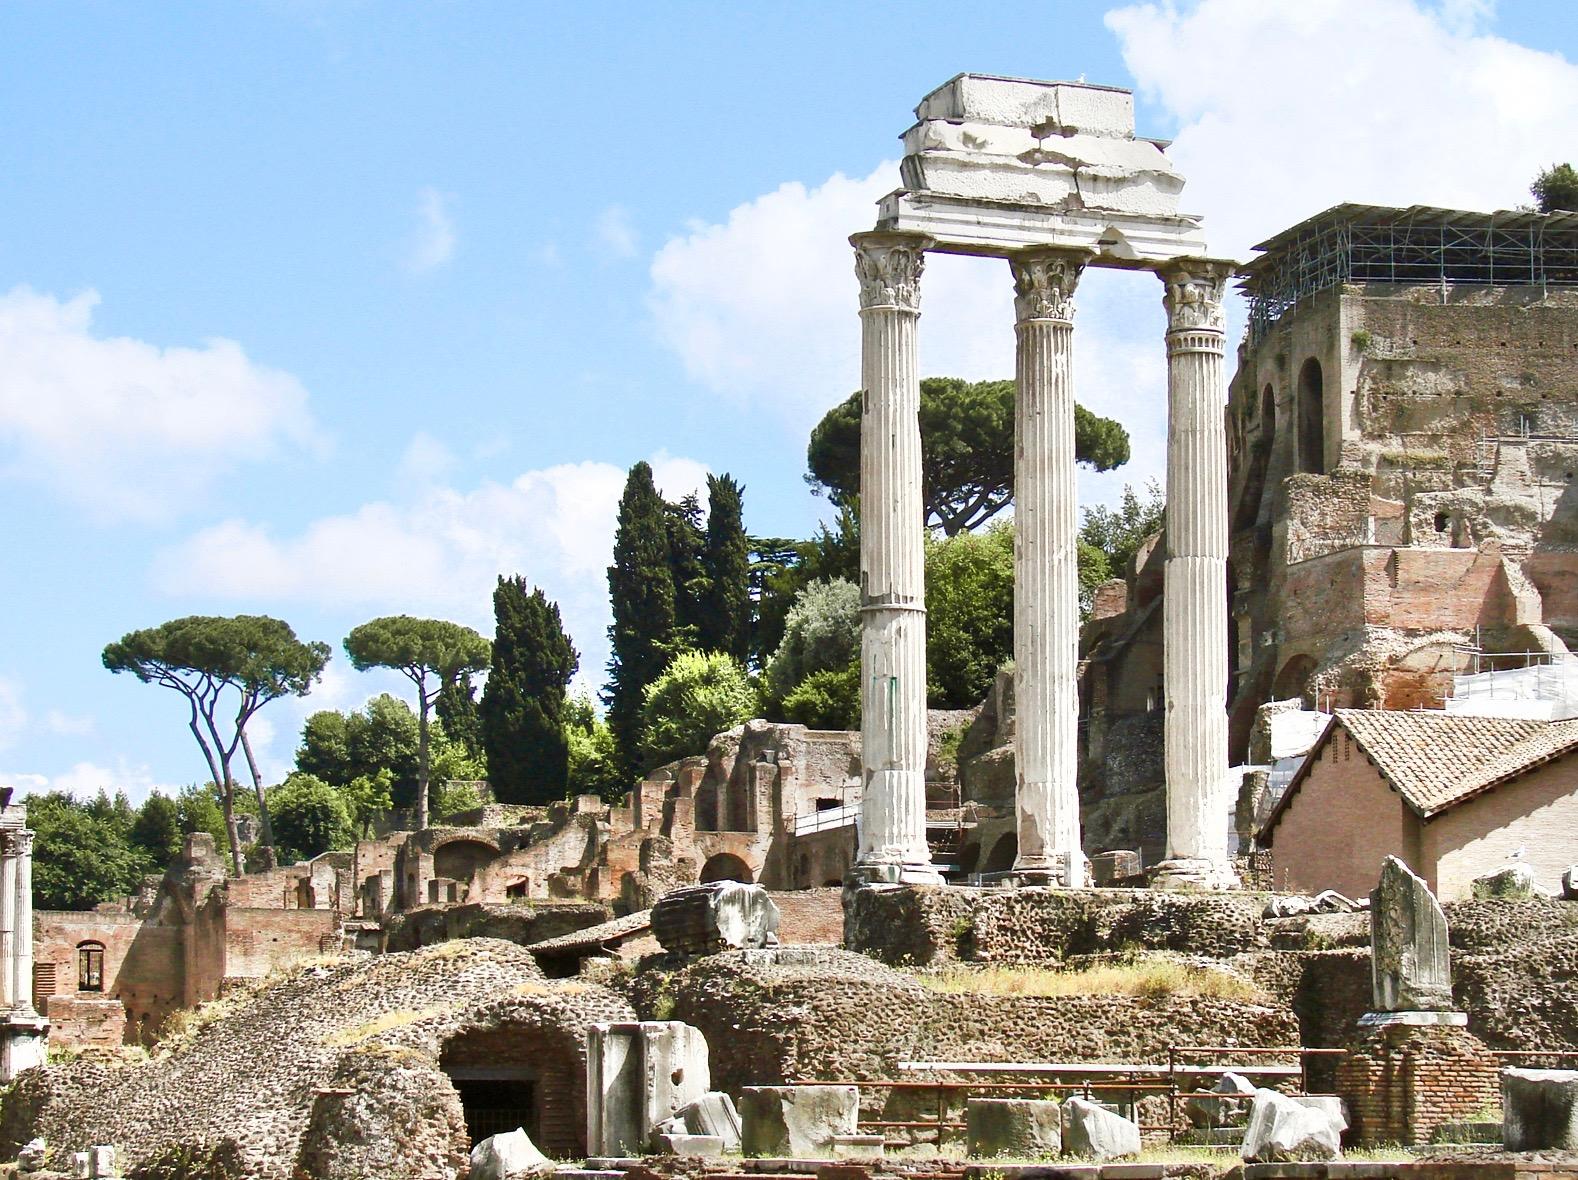 Le_temple_des_Dioscures_Forum_romain Rome pass